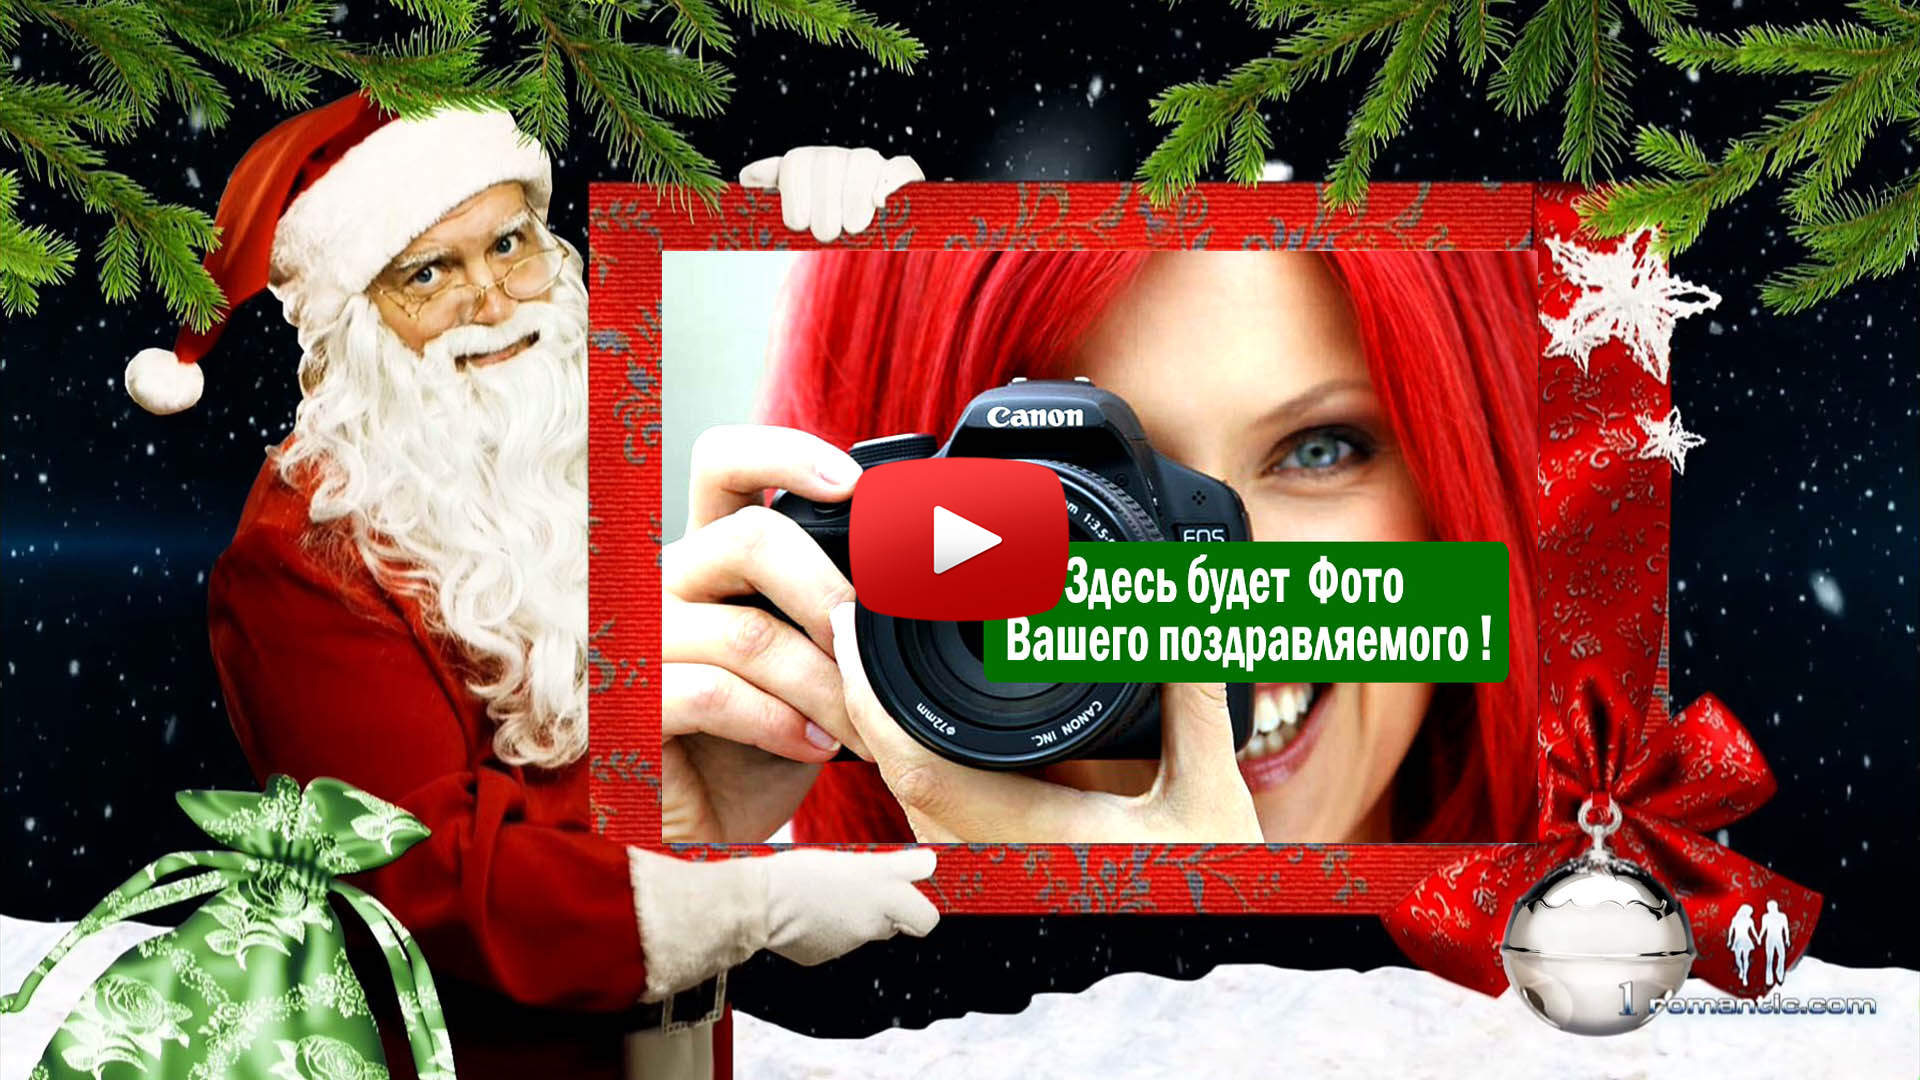 Открытка лет, видео поздравление к новому году своими руками